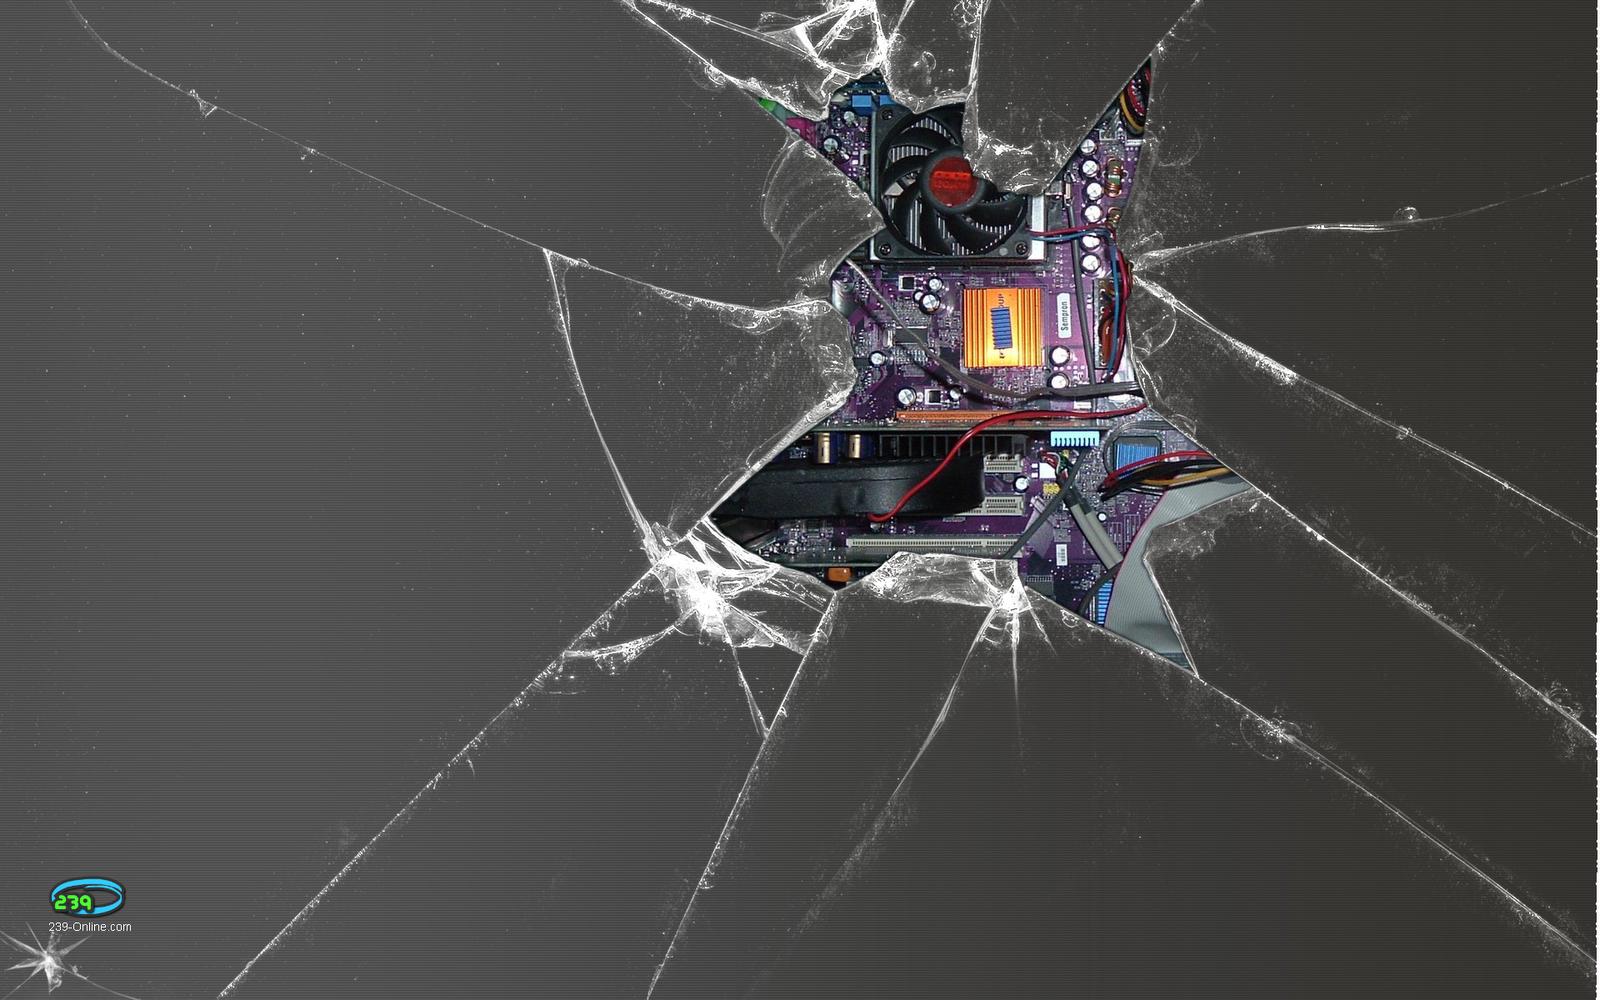 Free download Hd Wallpaper Broken Screen Broken Screen ...